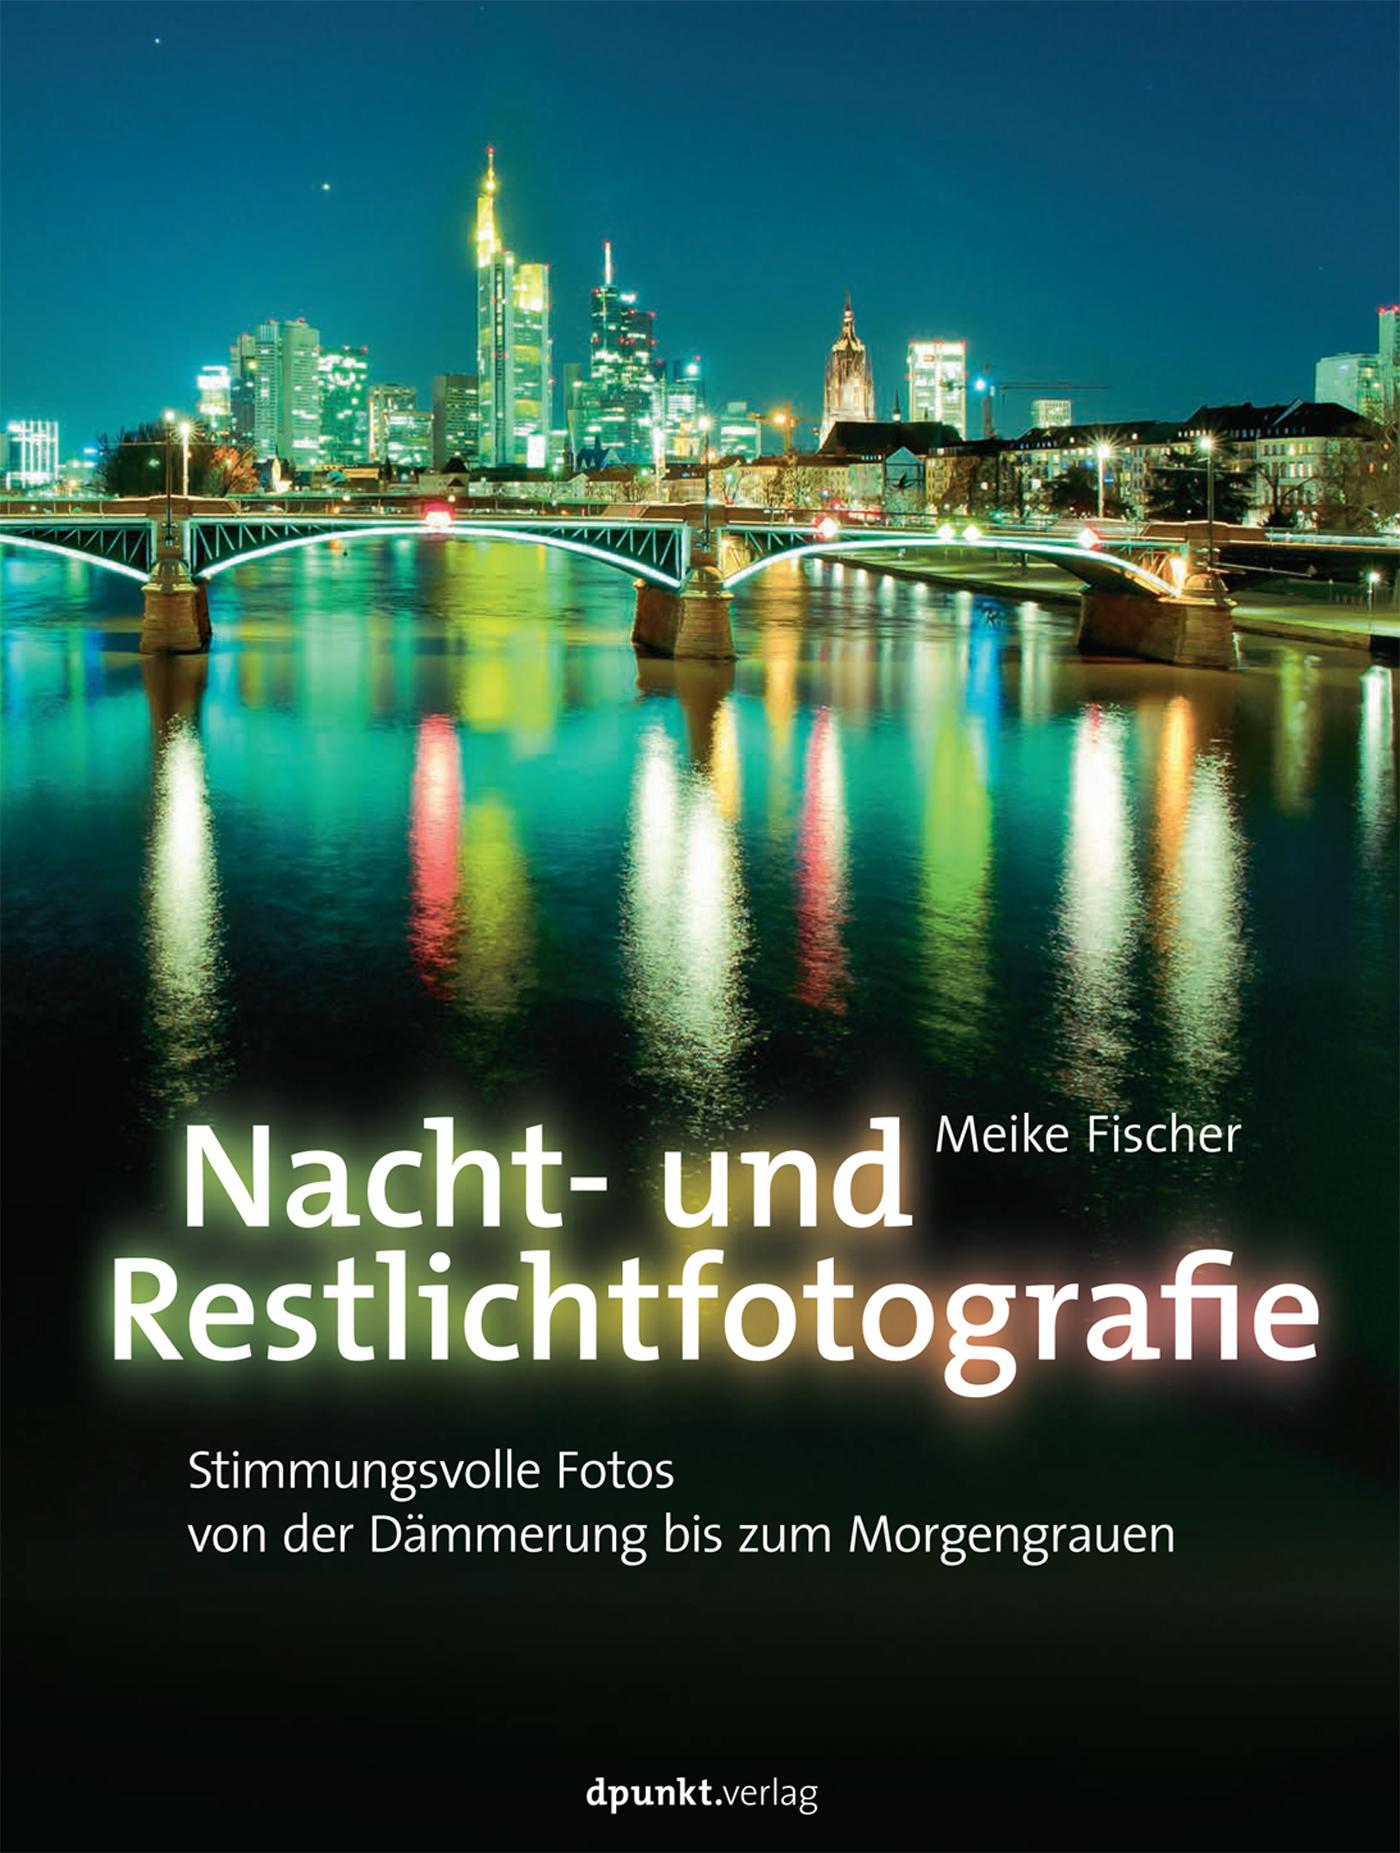 Meike Fischer Nacht- und Restlichtfotografie